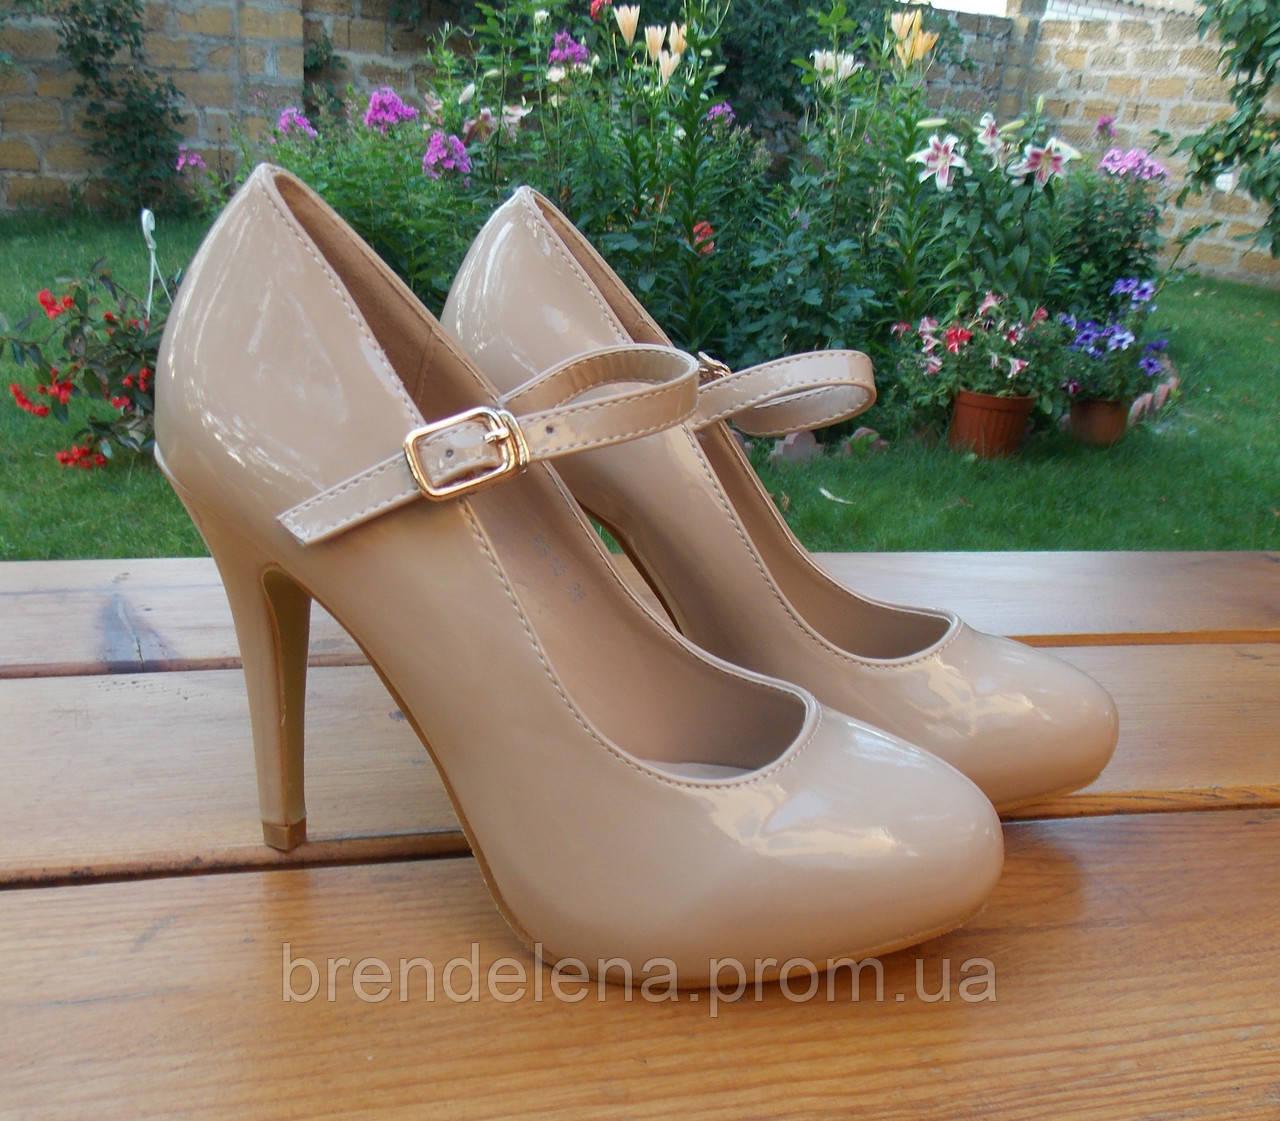 Модные стильные туфли женские р. (36-40)